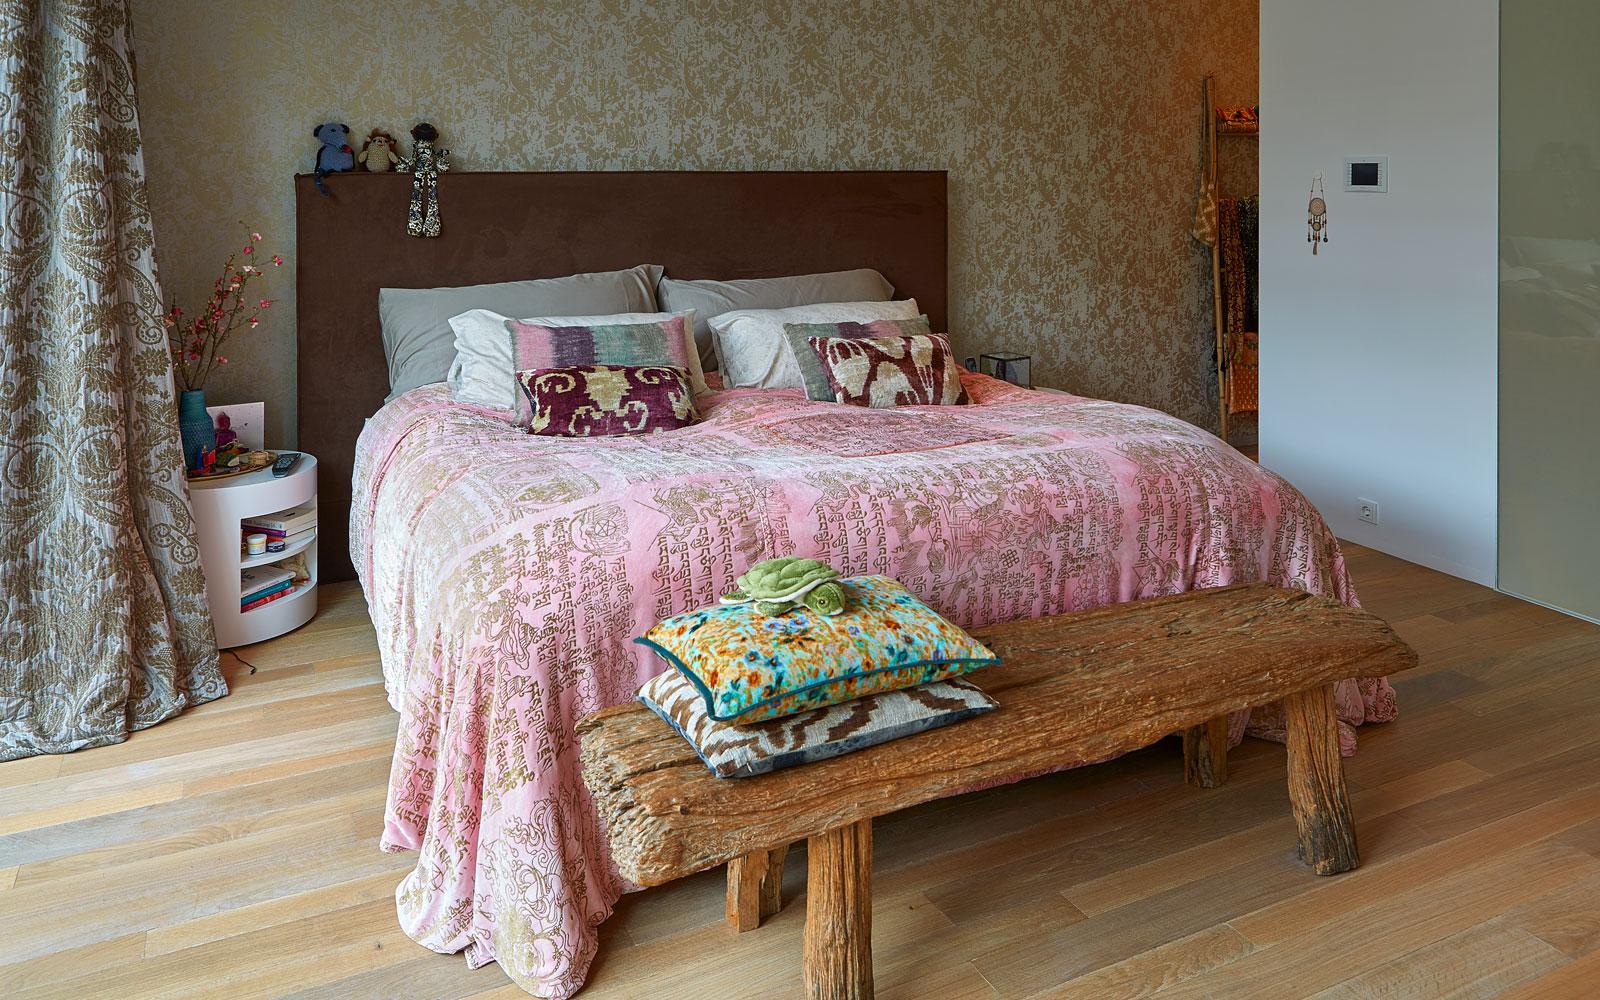 Slaapkamer, master bedroom, houten vloer, ouderslaapkamer, grachtenpand, Bart van Wijk